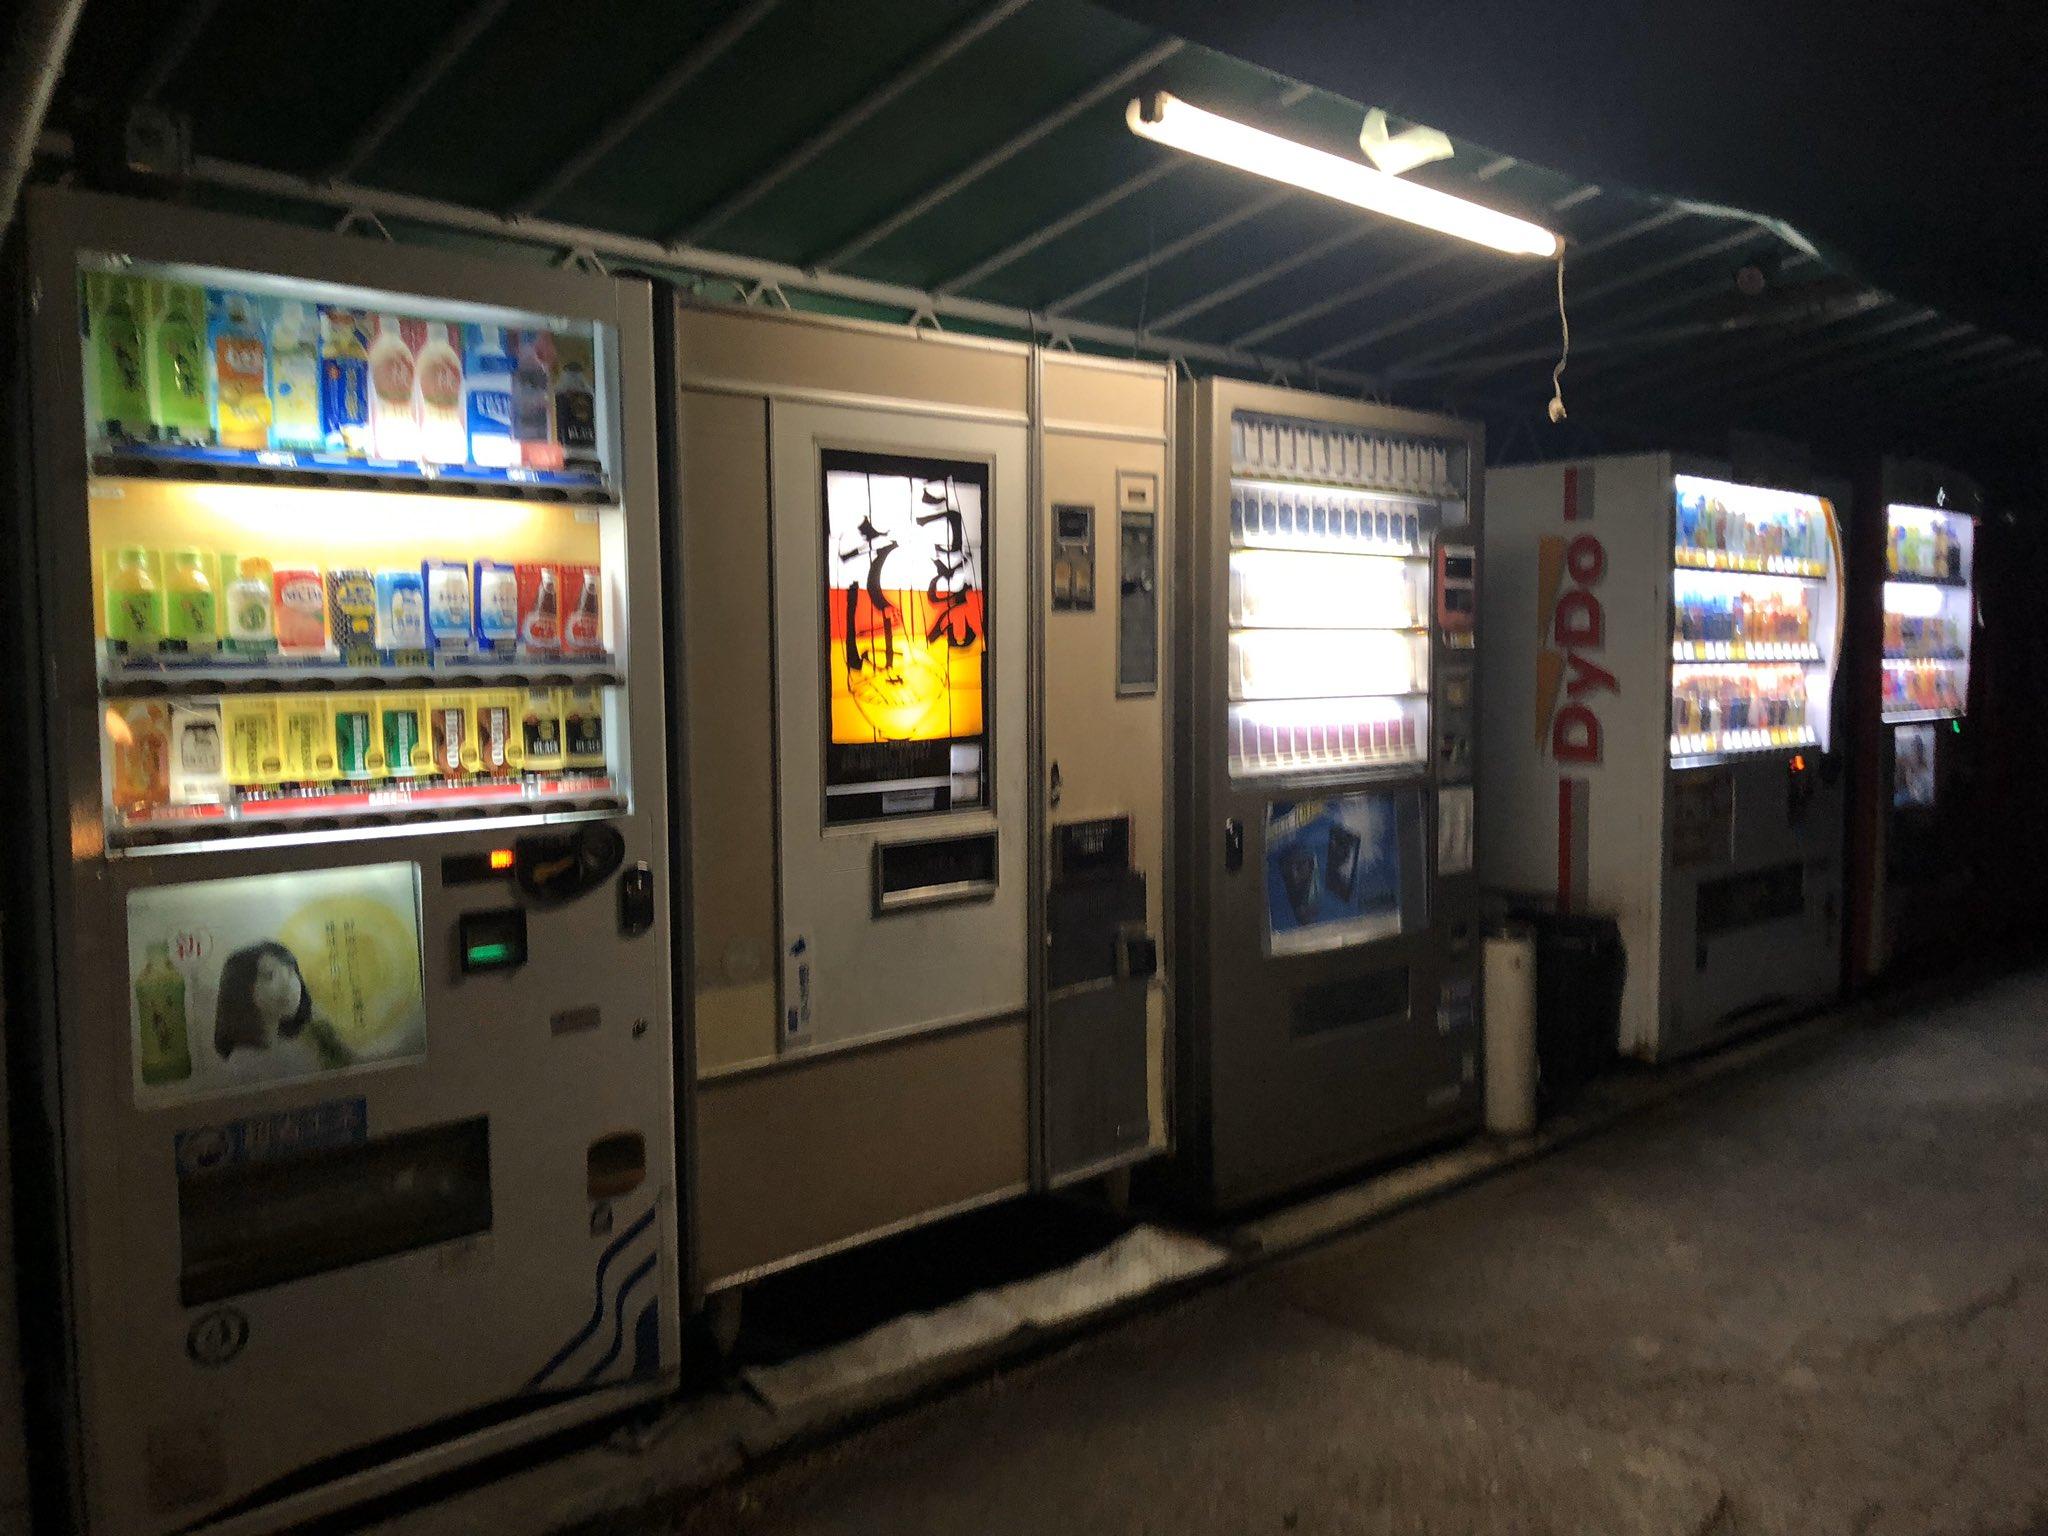 【画像】深夜の自販機そば250円の時間きたああああああああああwwwwwwwwwww